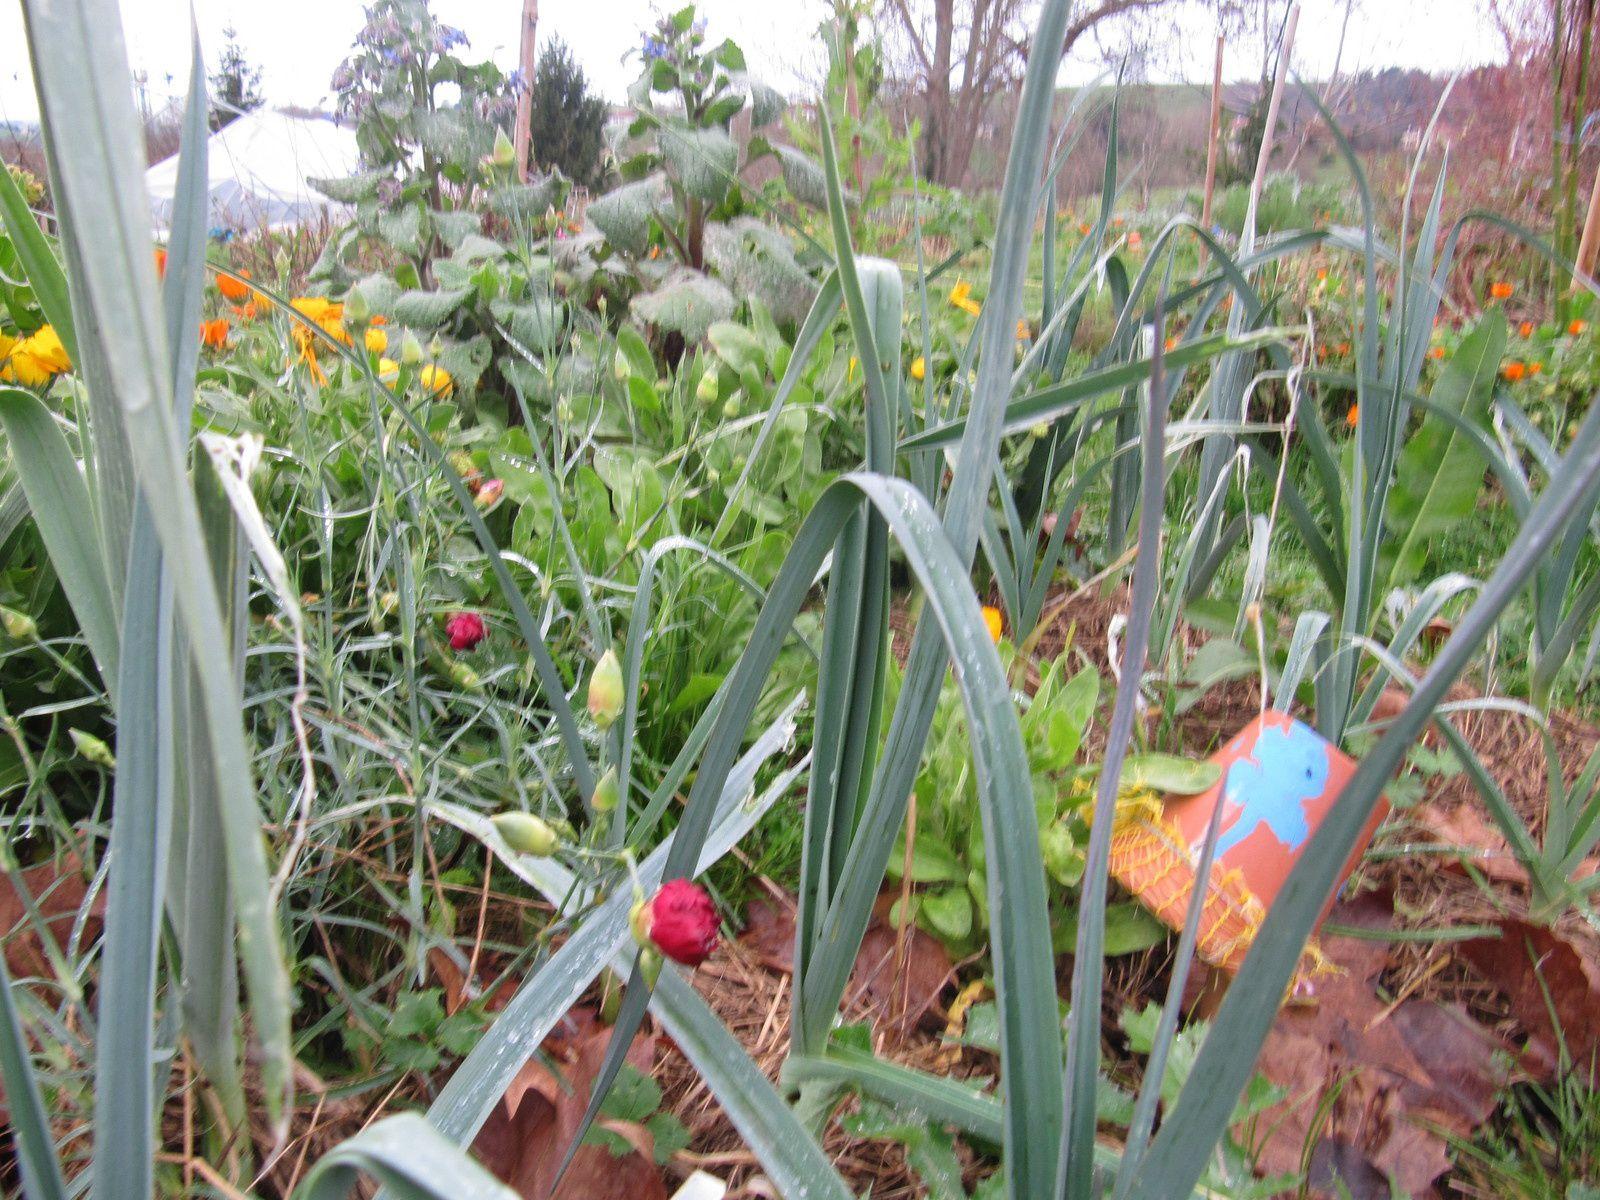 Avec aima le compostage a ses adeptes le blog de aima - Que faire avec du marc de cafe dans le jardin ...